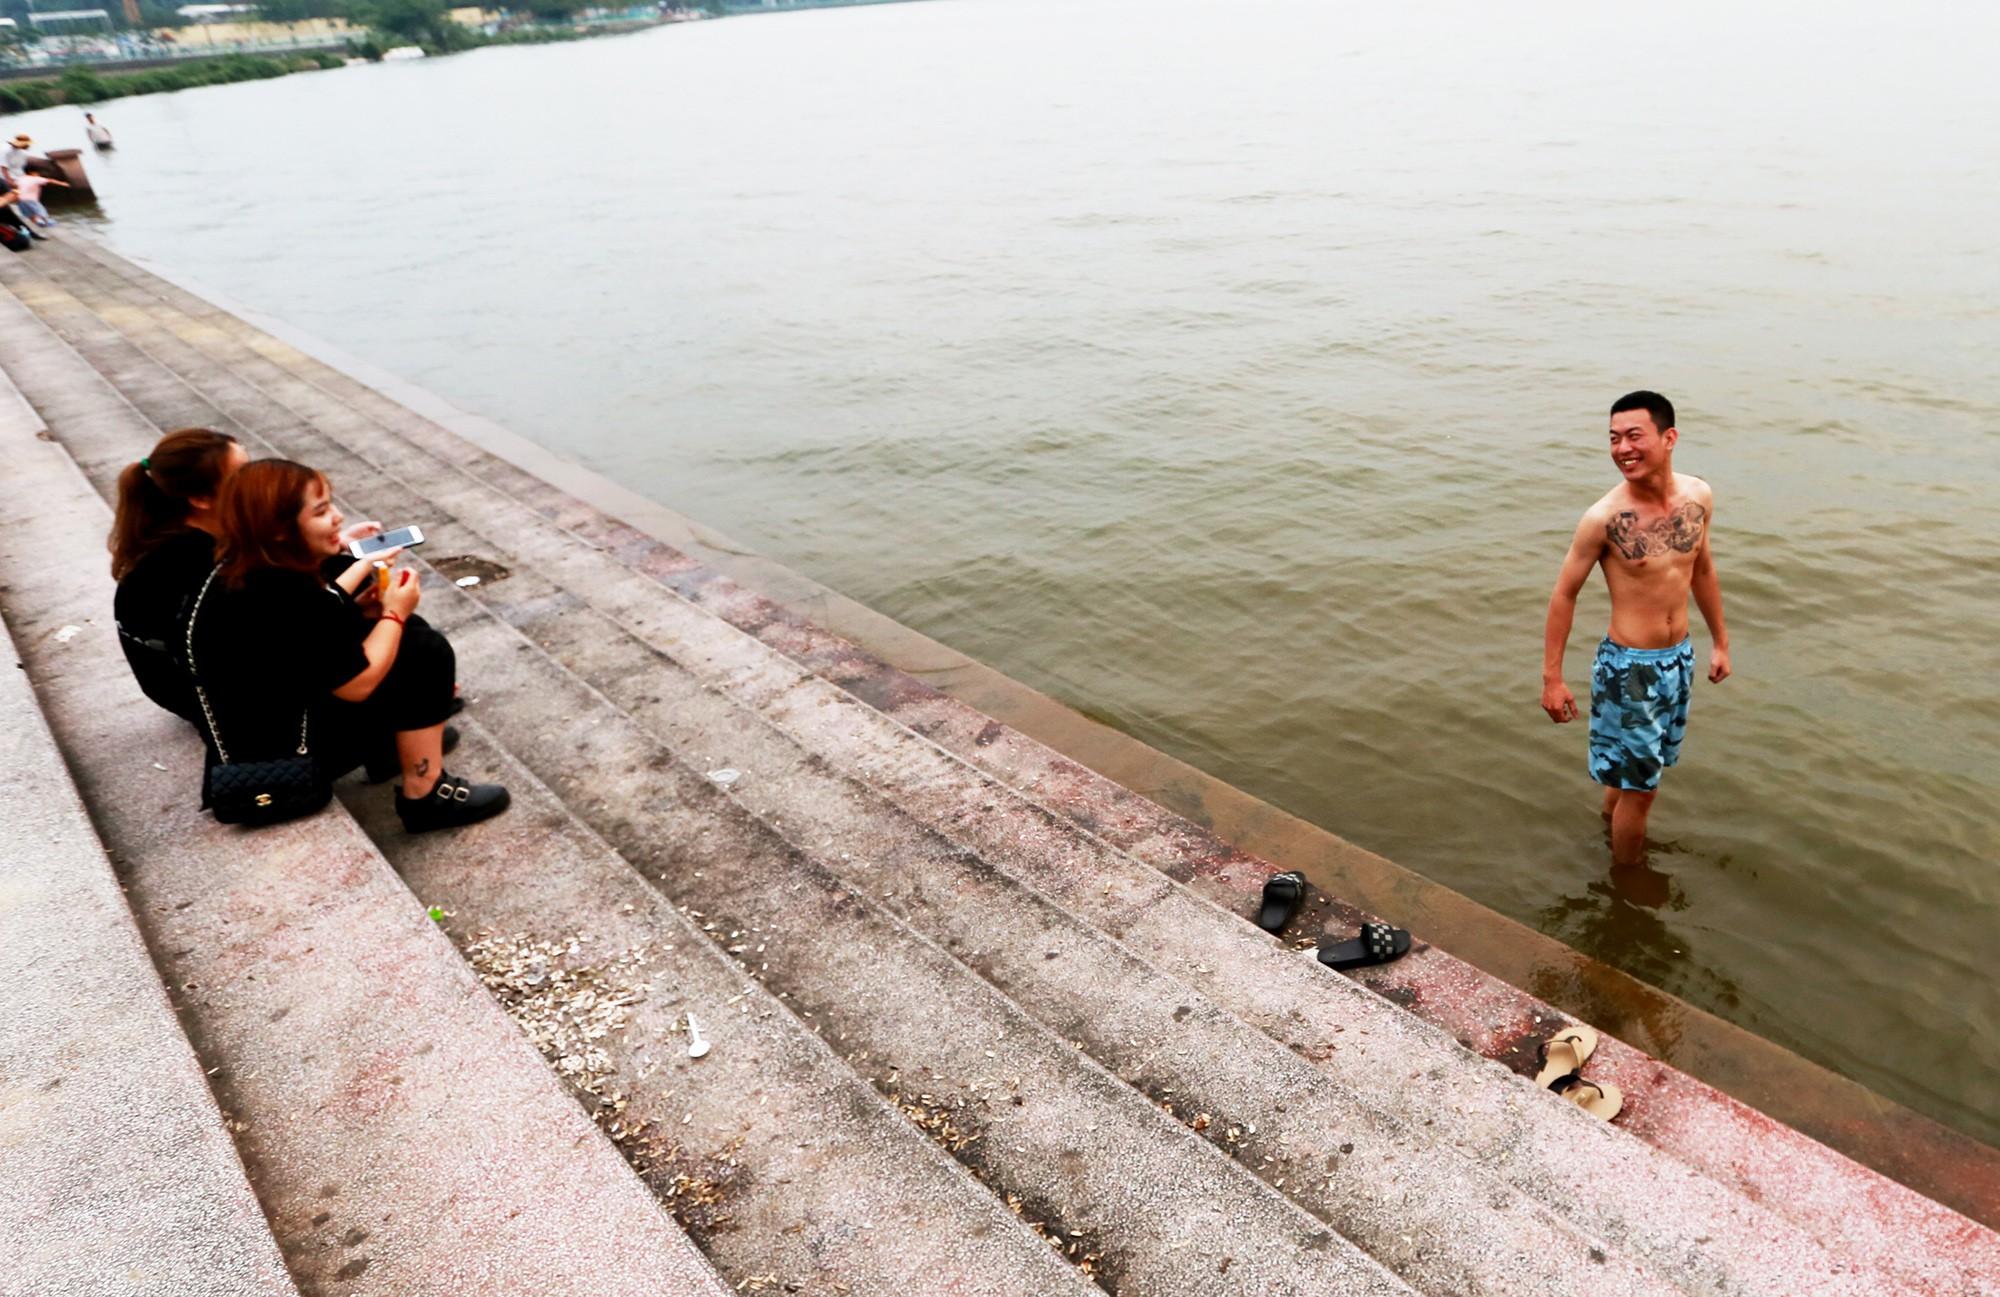 Hà Nội: Người lớn, trẻ nhỏ dắt nhau ra hồ Tây giải nhiệt ngày nắng nóng - Ảnh 5.